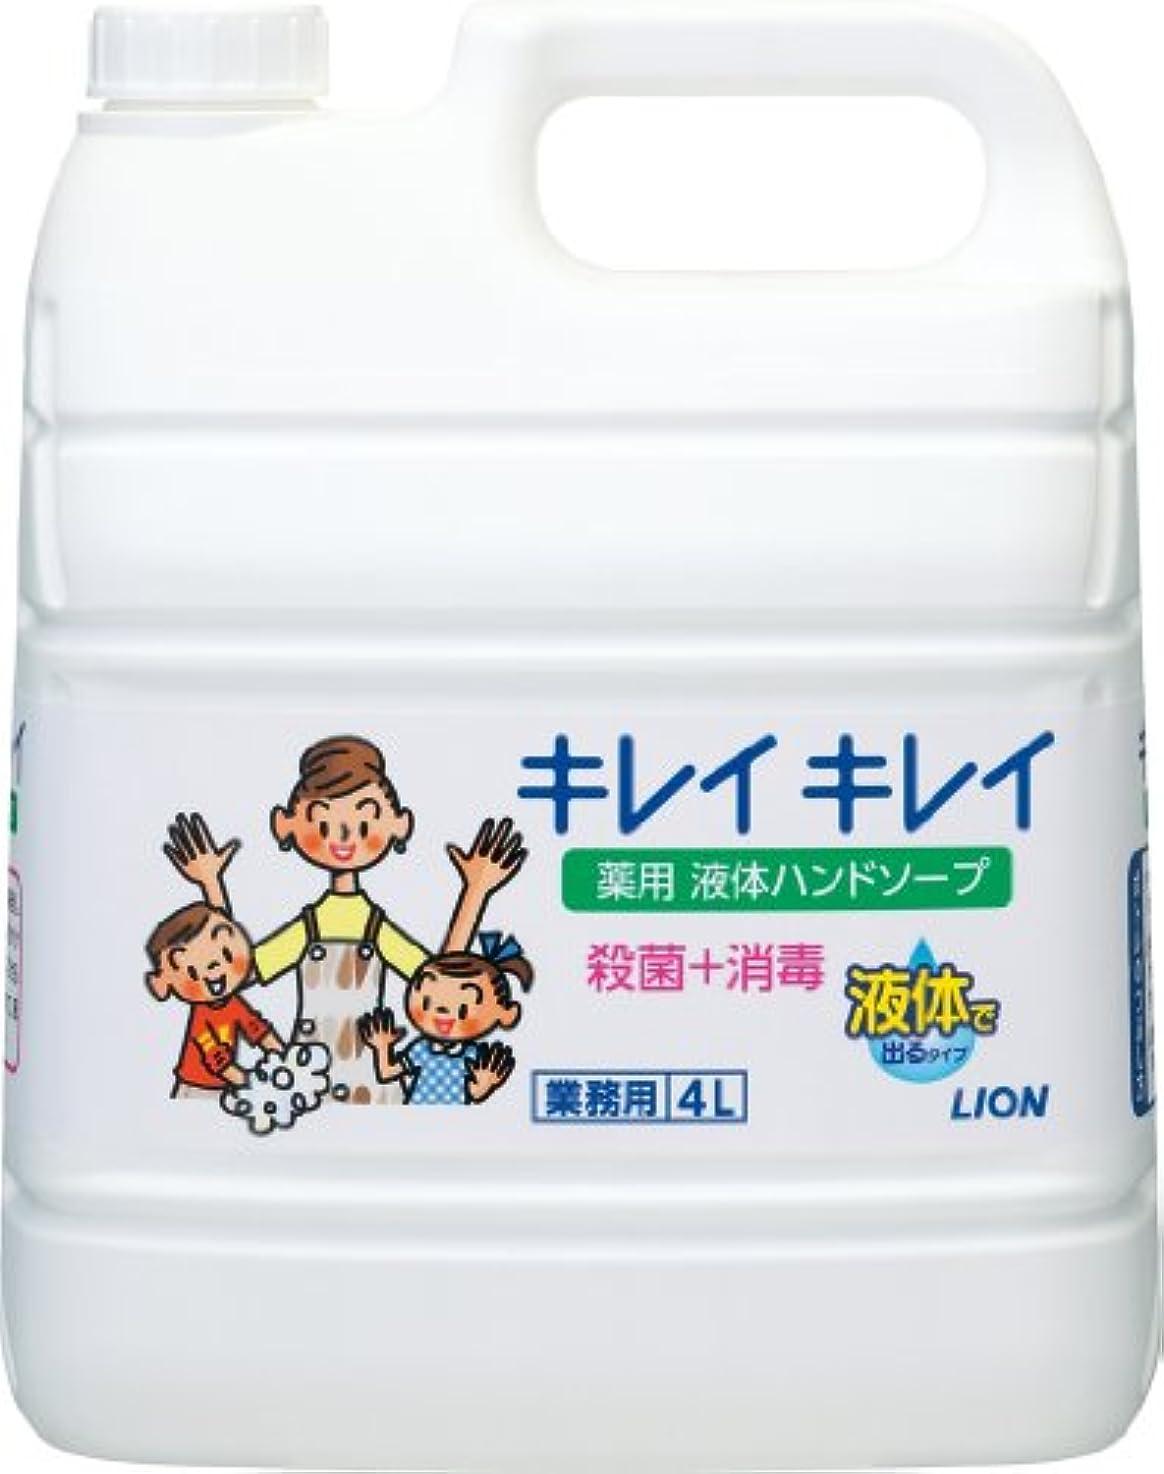 防水遅滞破滅【業務用 大容量】キレイキレイ 薬用 ハンドソープ  4L(医薬部外品)